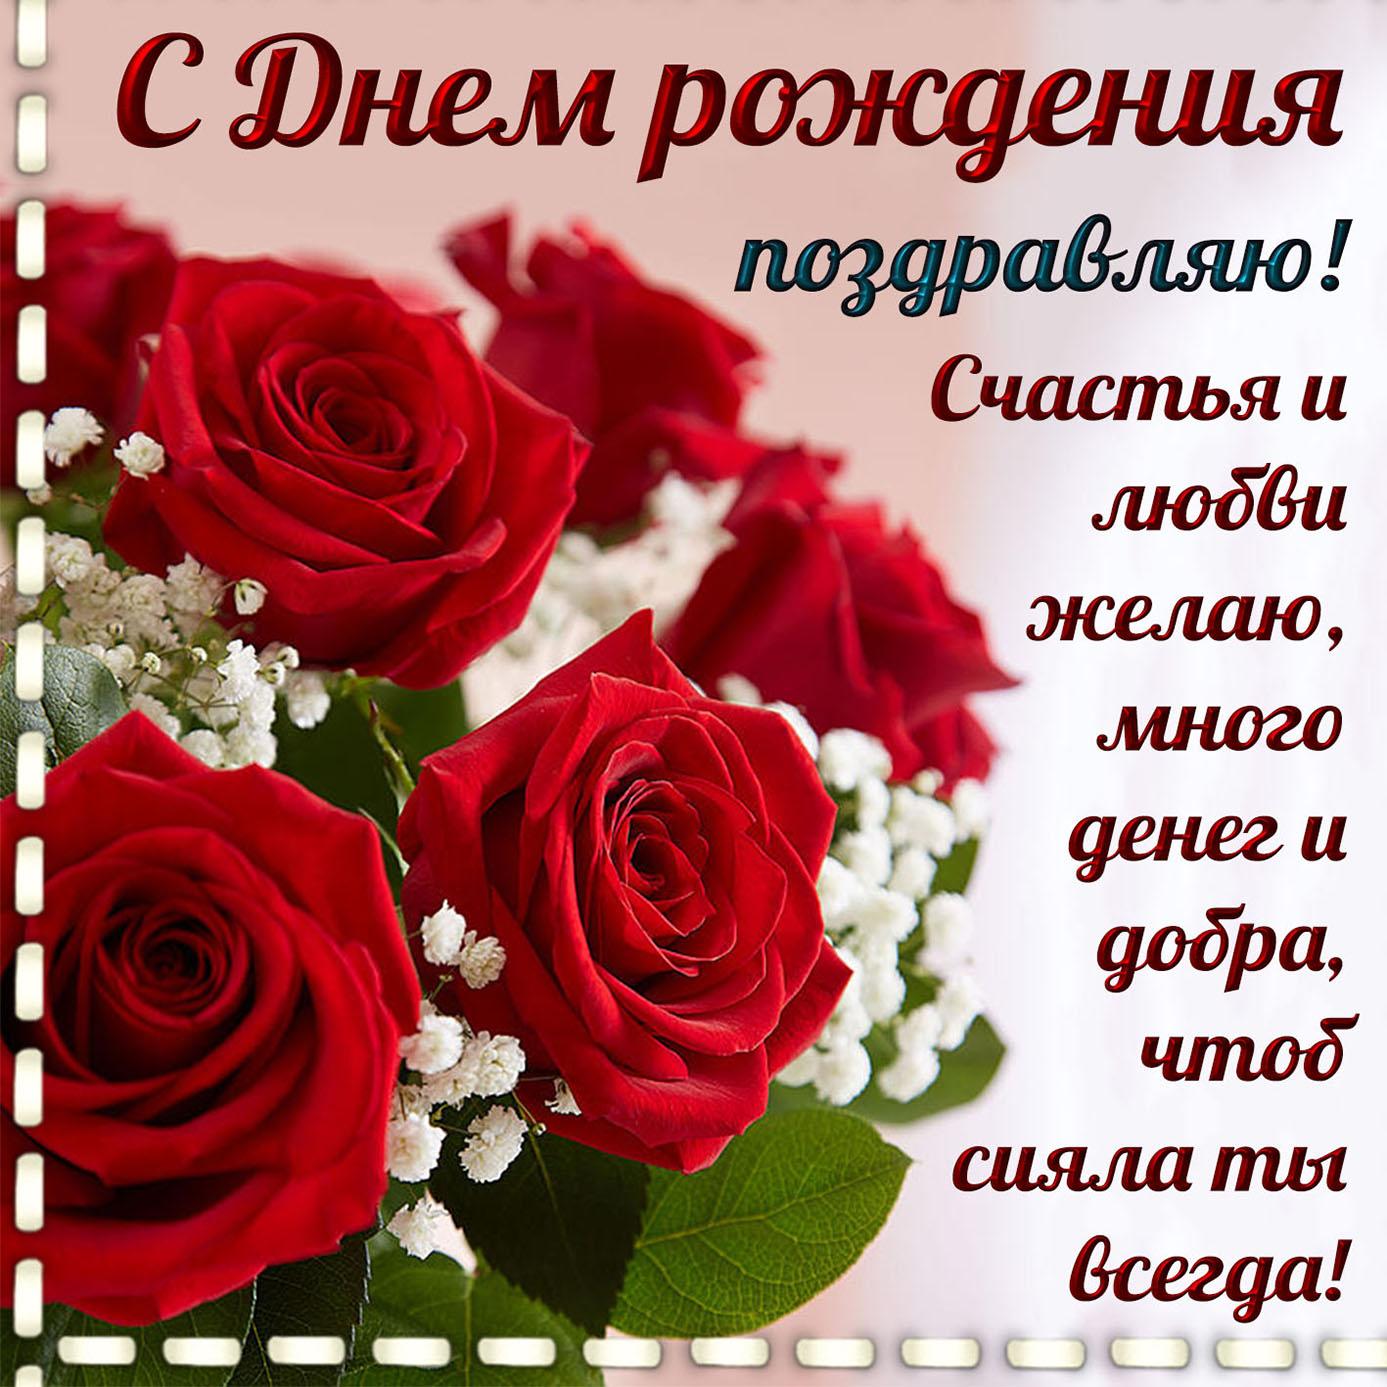 Картинка с красными розамии поздравлением женщине